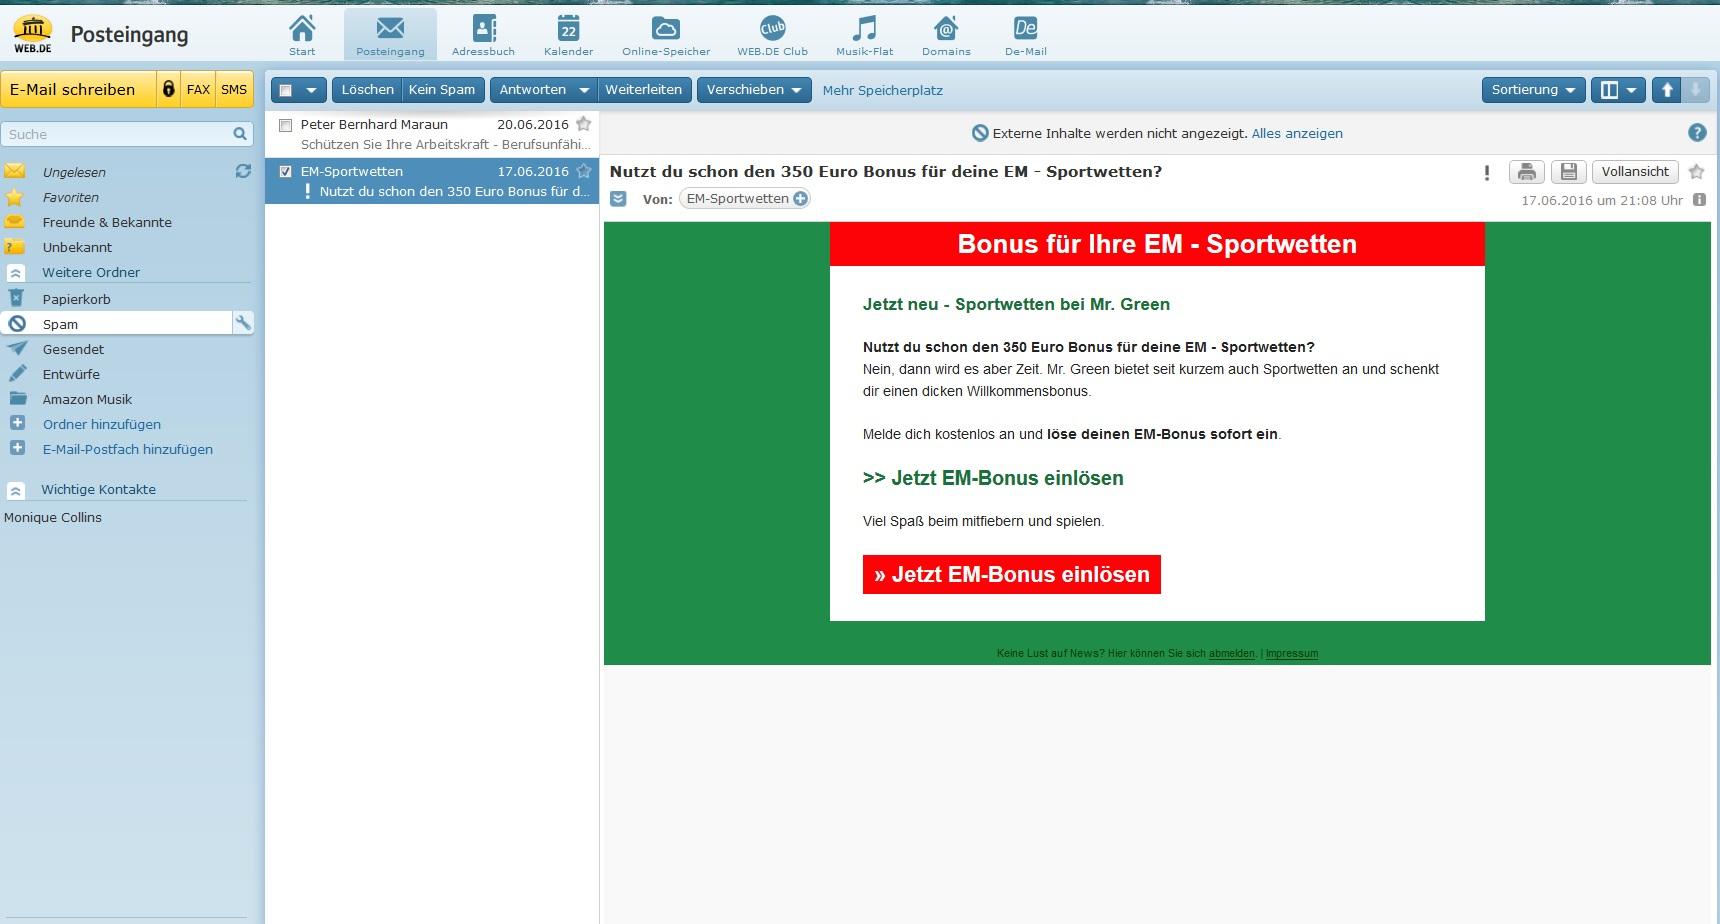 350 Euro Bonus für deine EM - Sportwetten